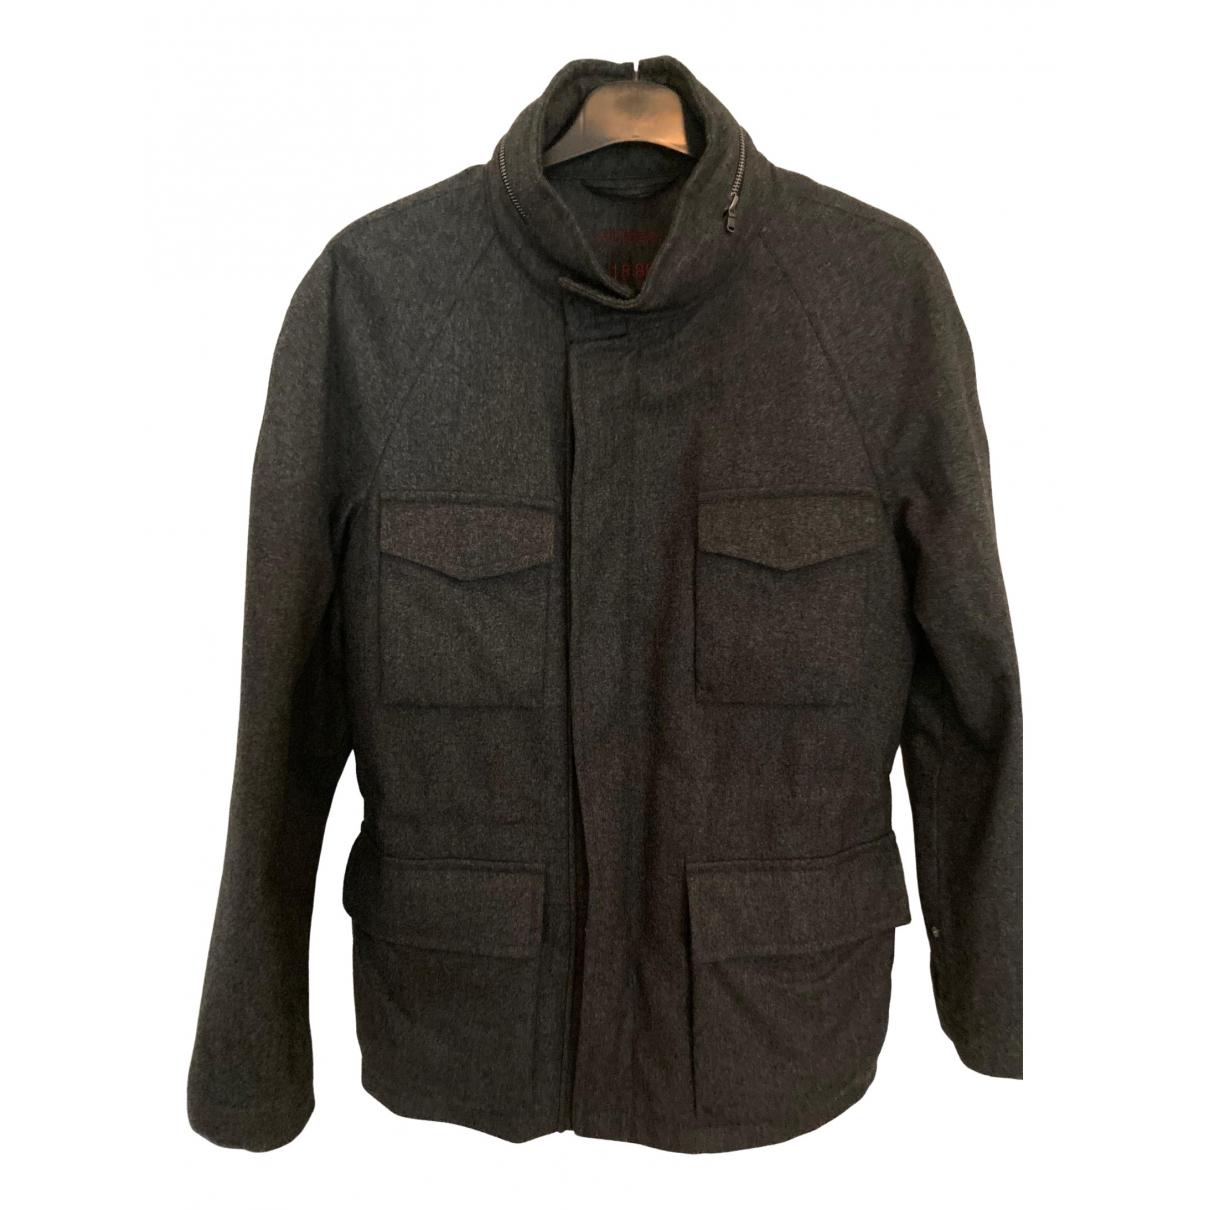 Windsor - Vestes.Blousons   pour homme en laine - gris